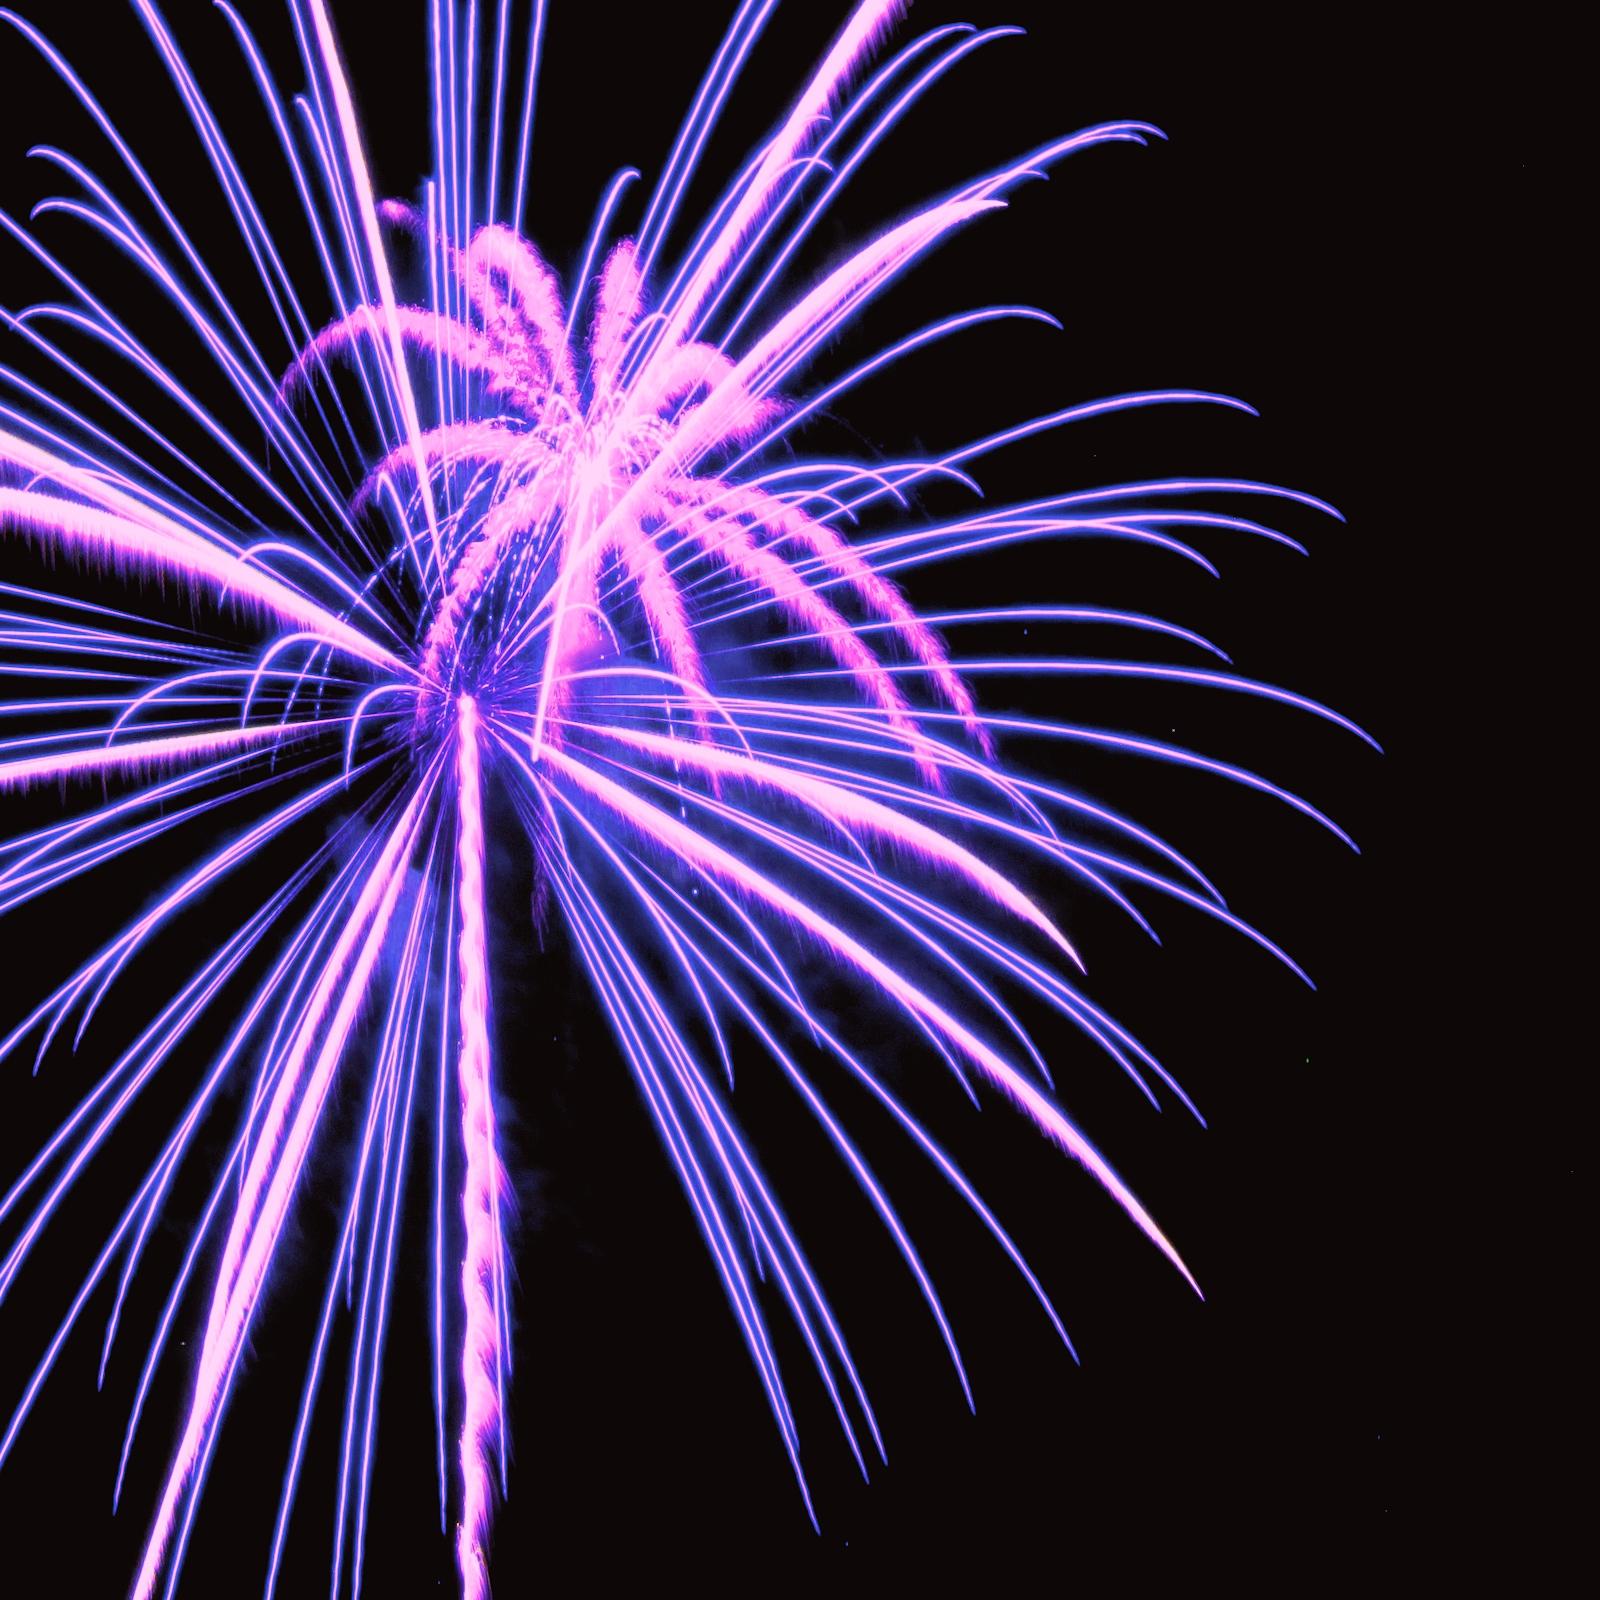 Massachusetts Fireworks July 4th Purple Pyro